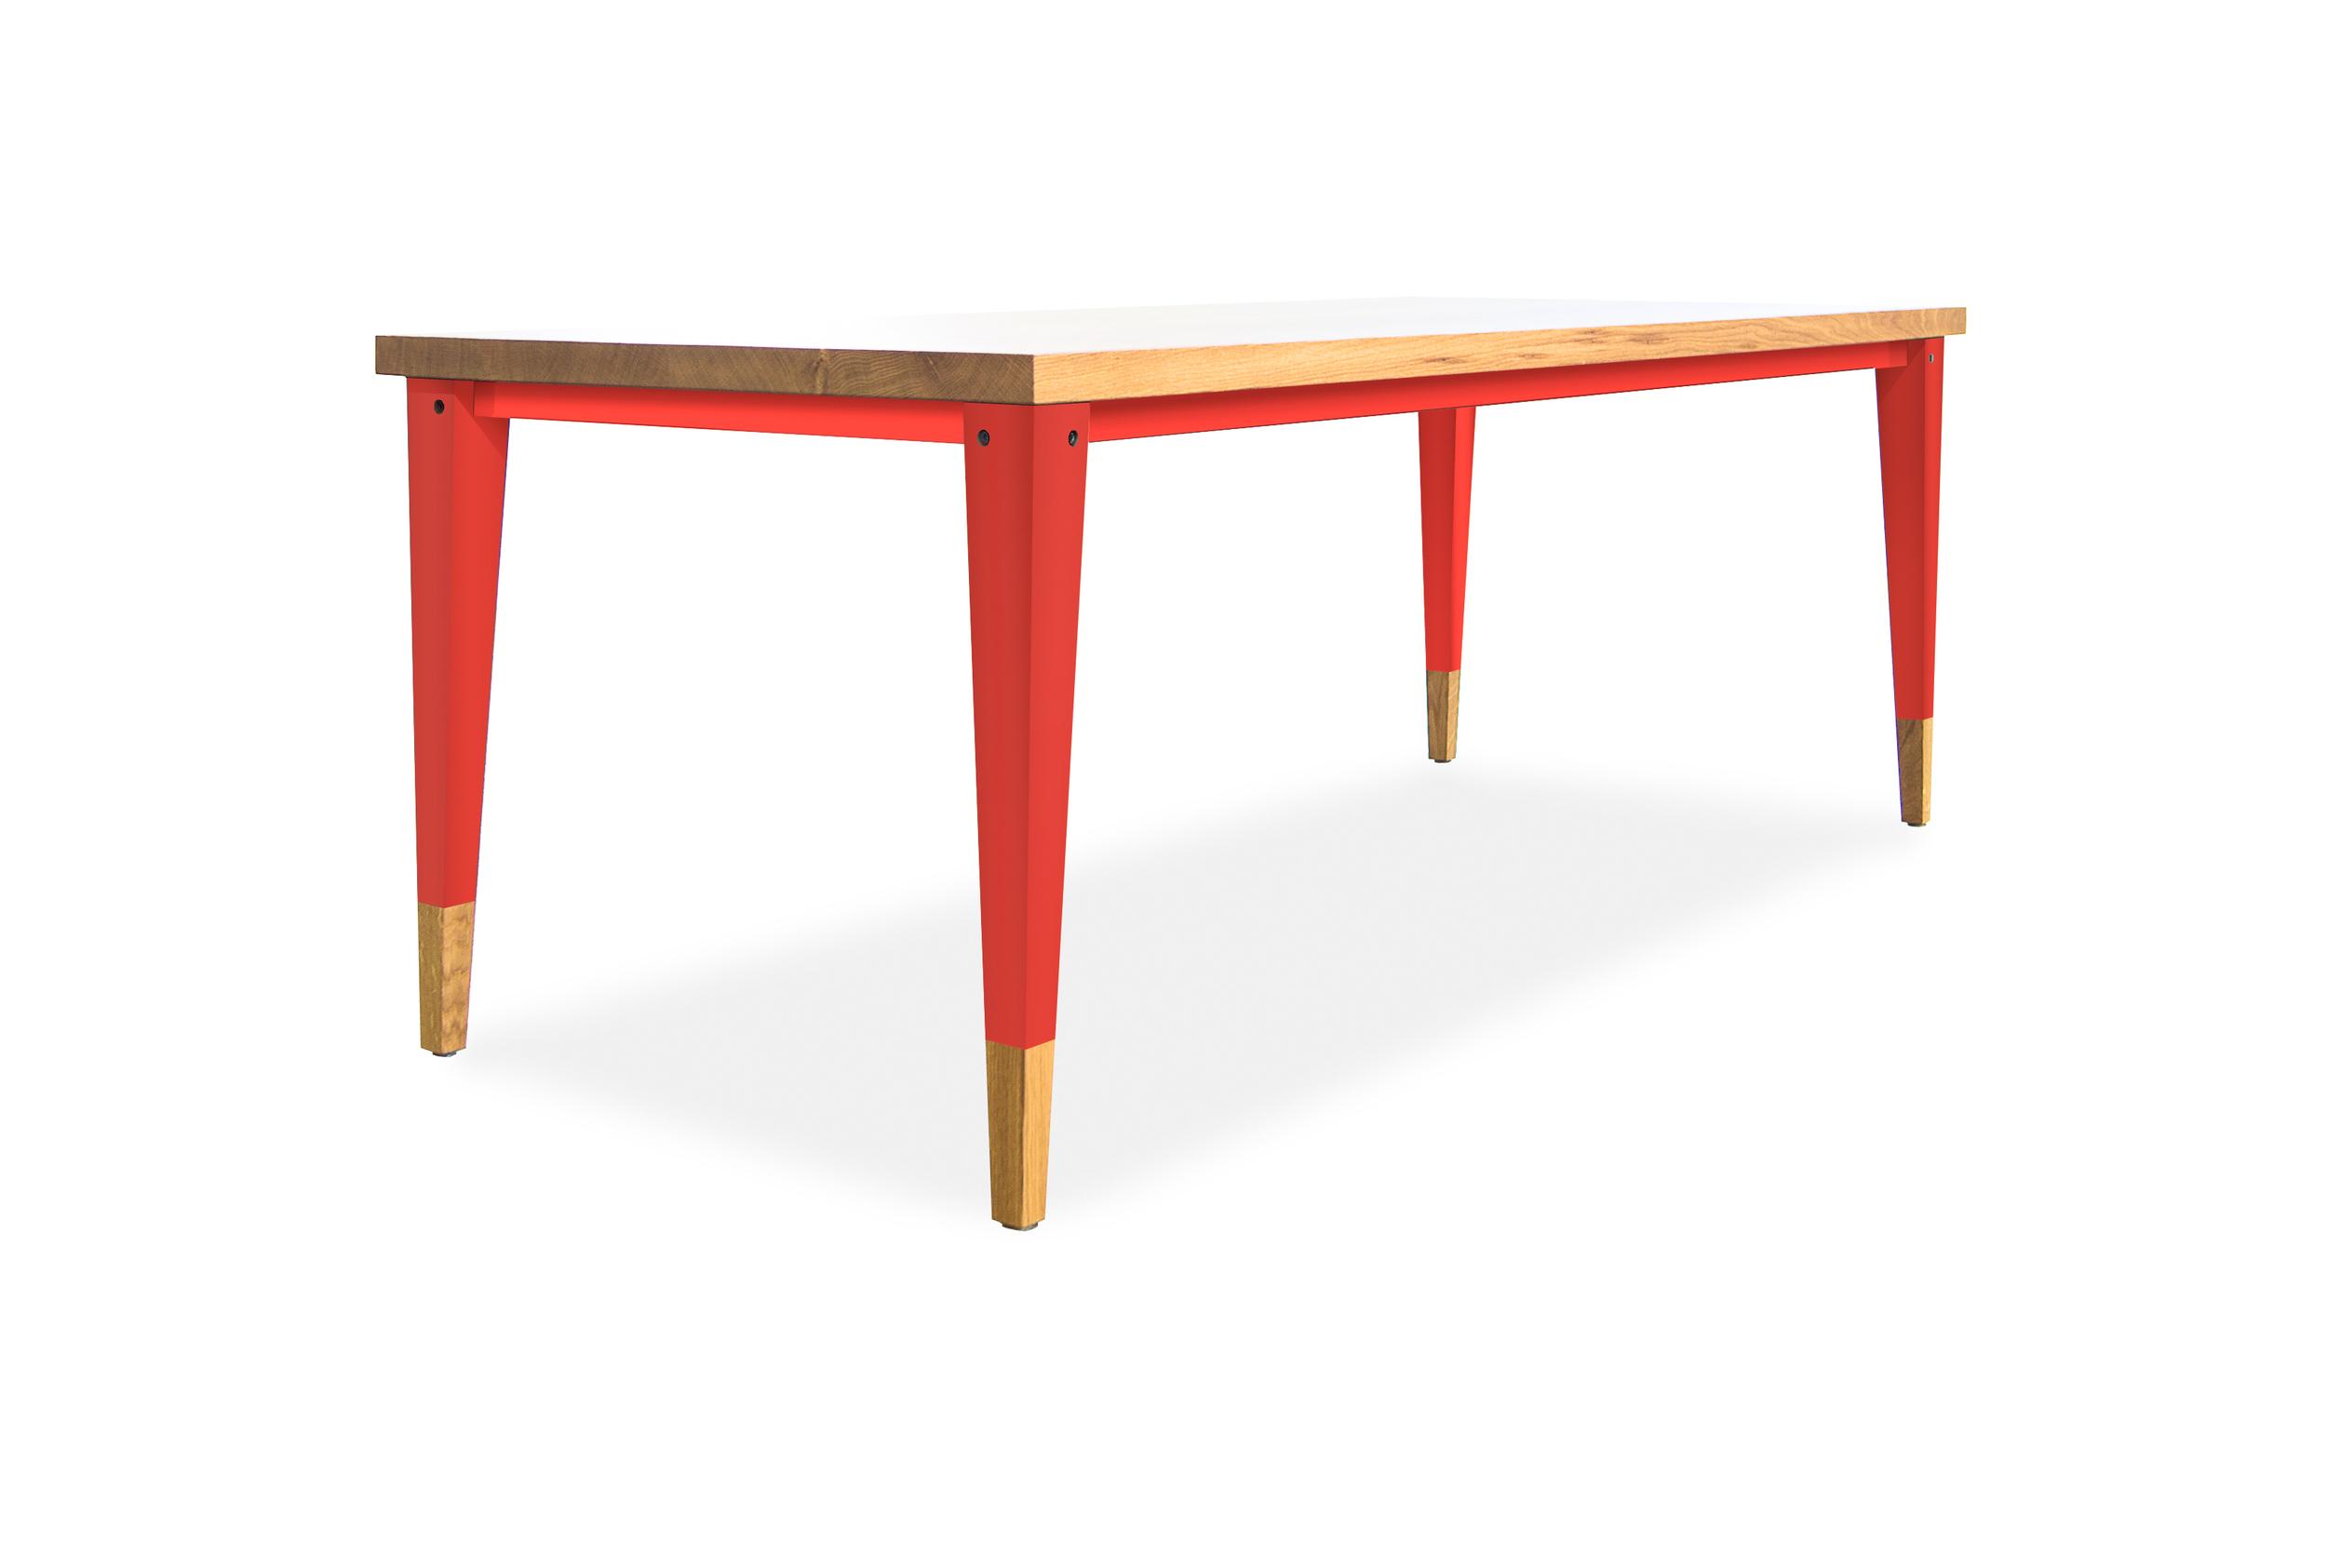 BB Tisch Bein ganz + Zarge 2002.jpg